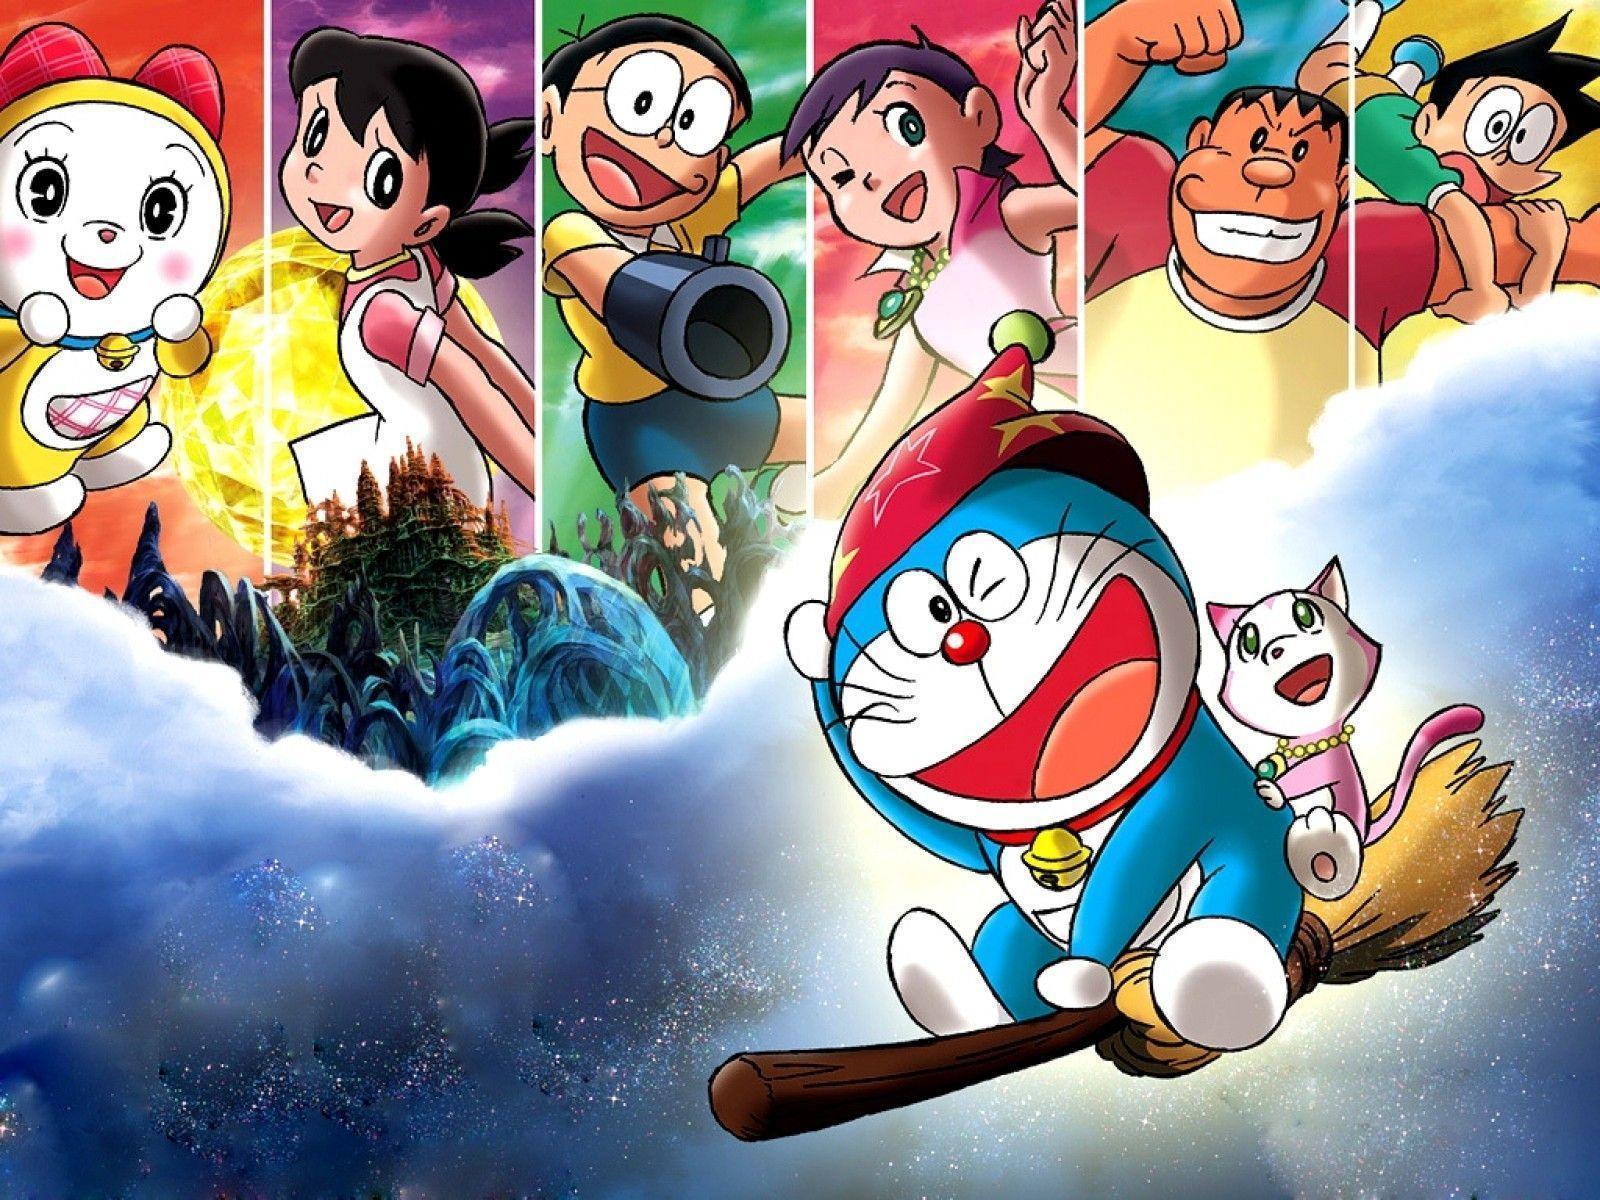 Wallpaper Hp Doraemon 3d Novocom Top